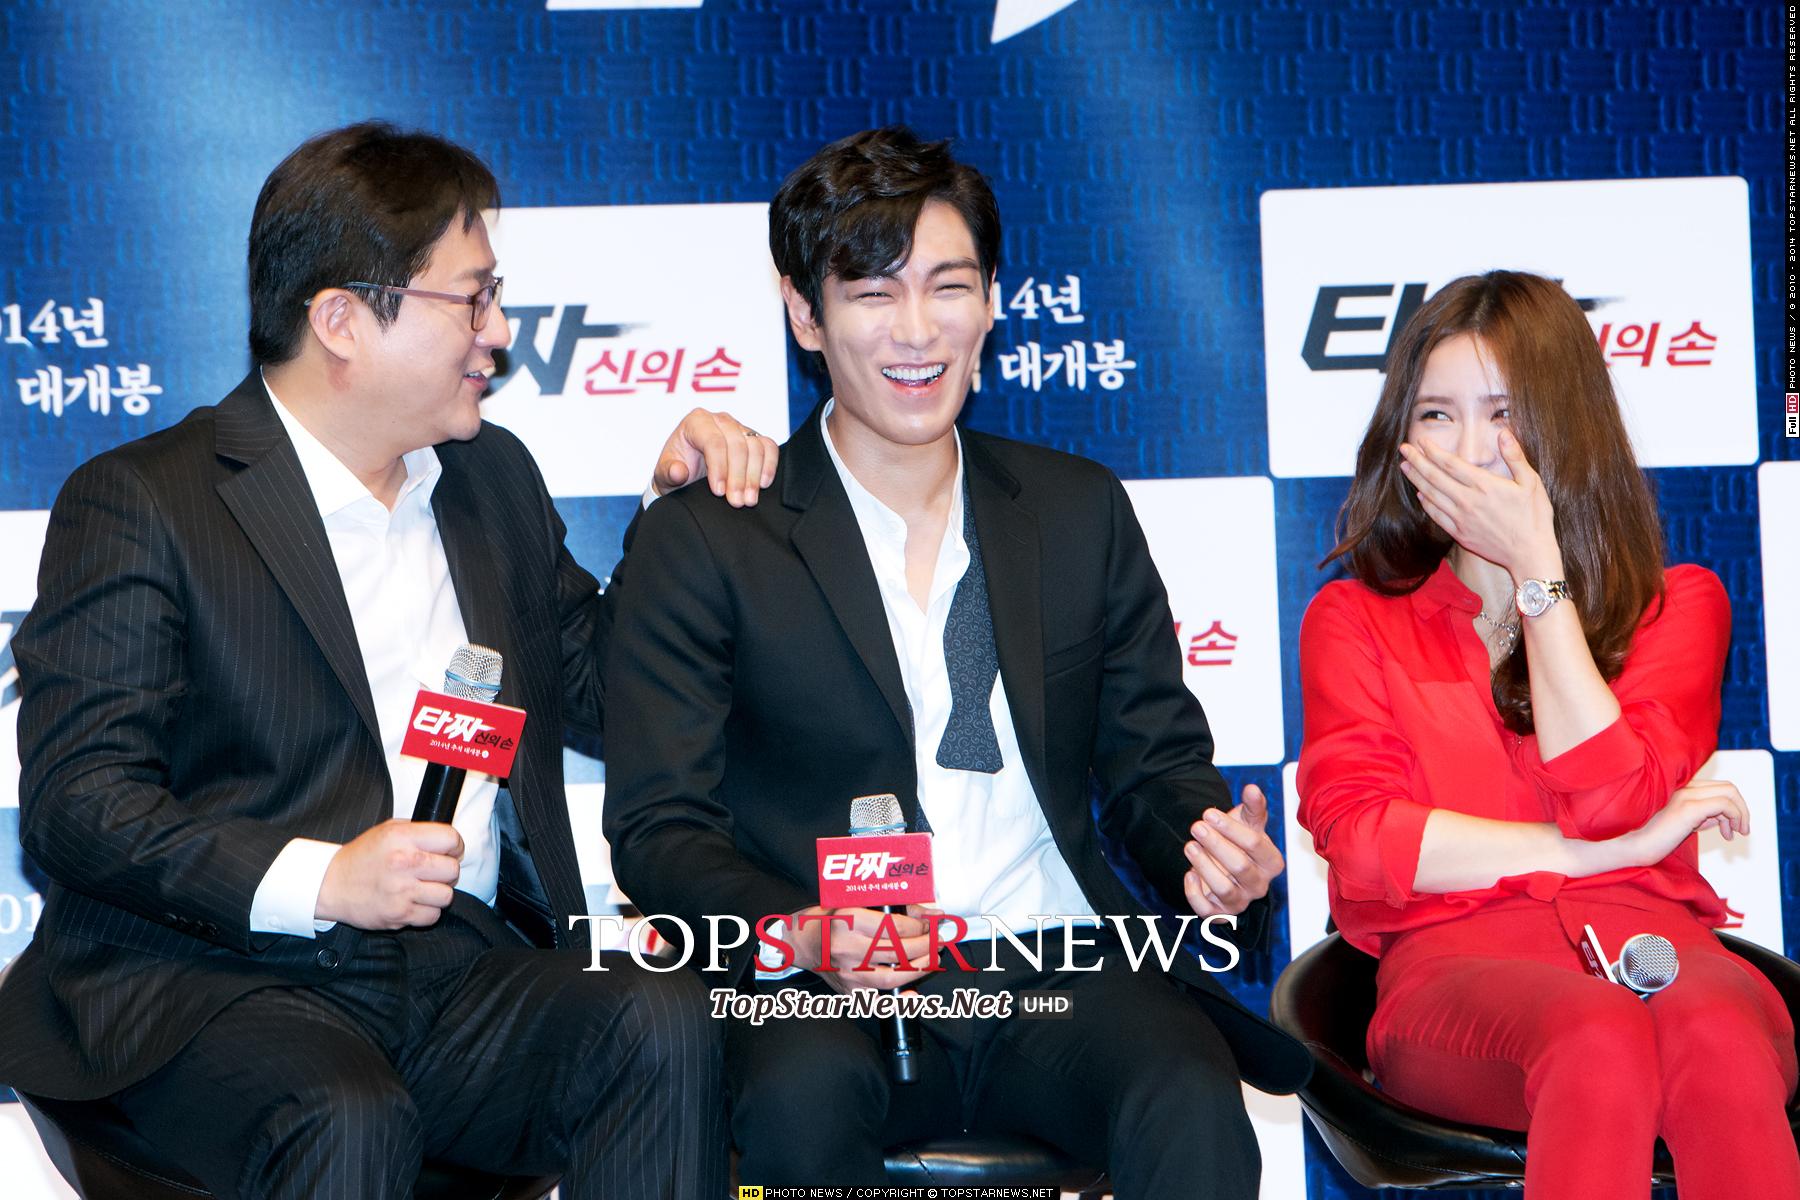 而且撇除掉BIGBANG演唱會遠遠的距離感,這次記者會看點還包含,你可能可以看到這樣笑開懷的他(完全大笑)